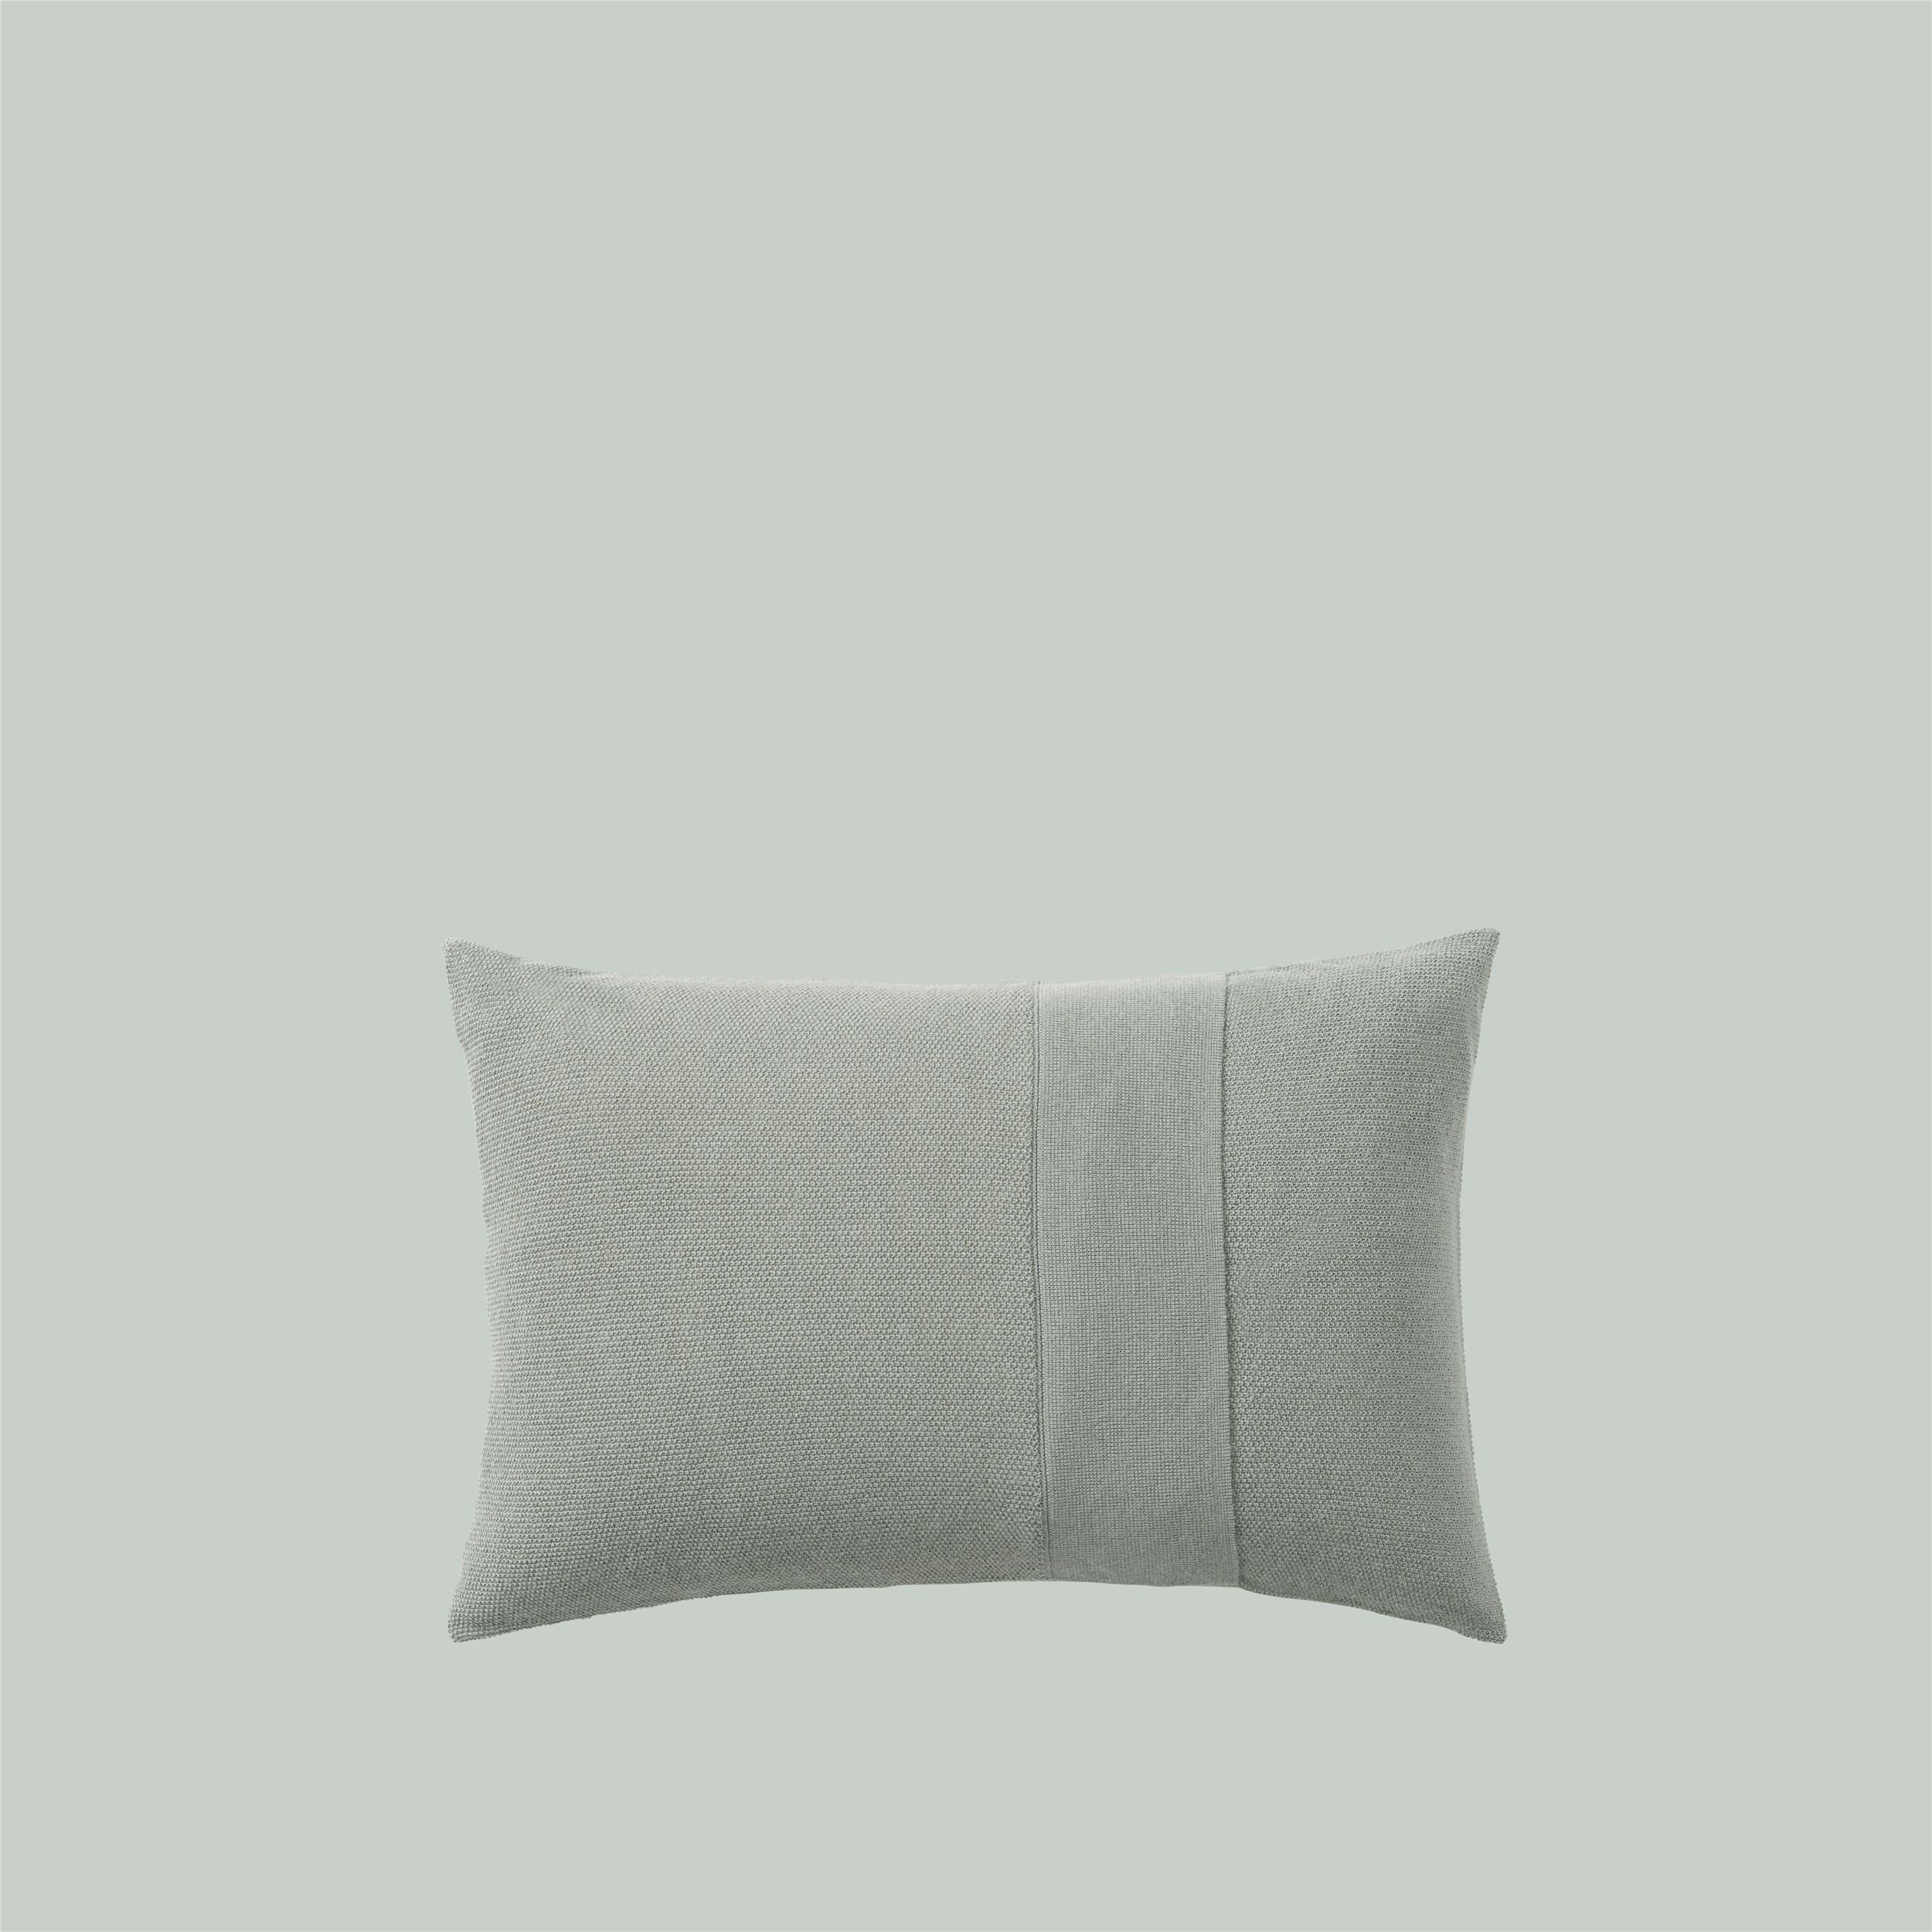 Layer Cushion 40x60 sage green